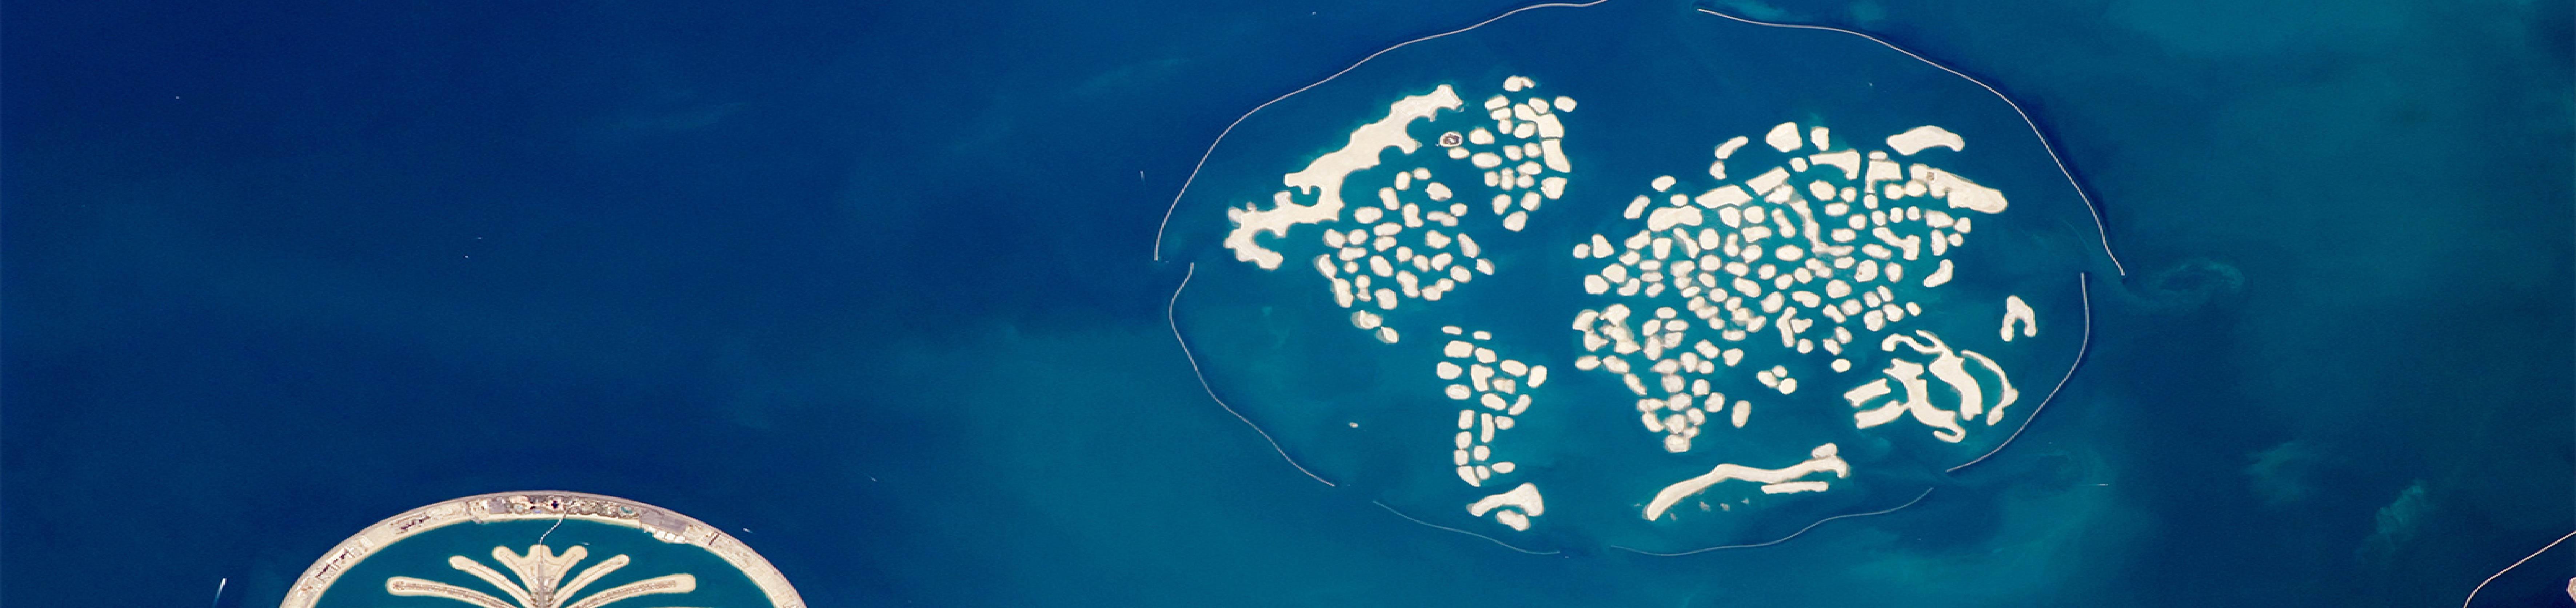 اجمل الجزر الصناعية: اكتشف أهم وأفضل الجزر الصناعية فى العالم